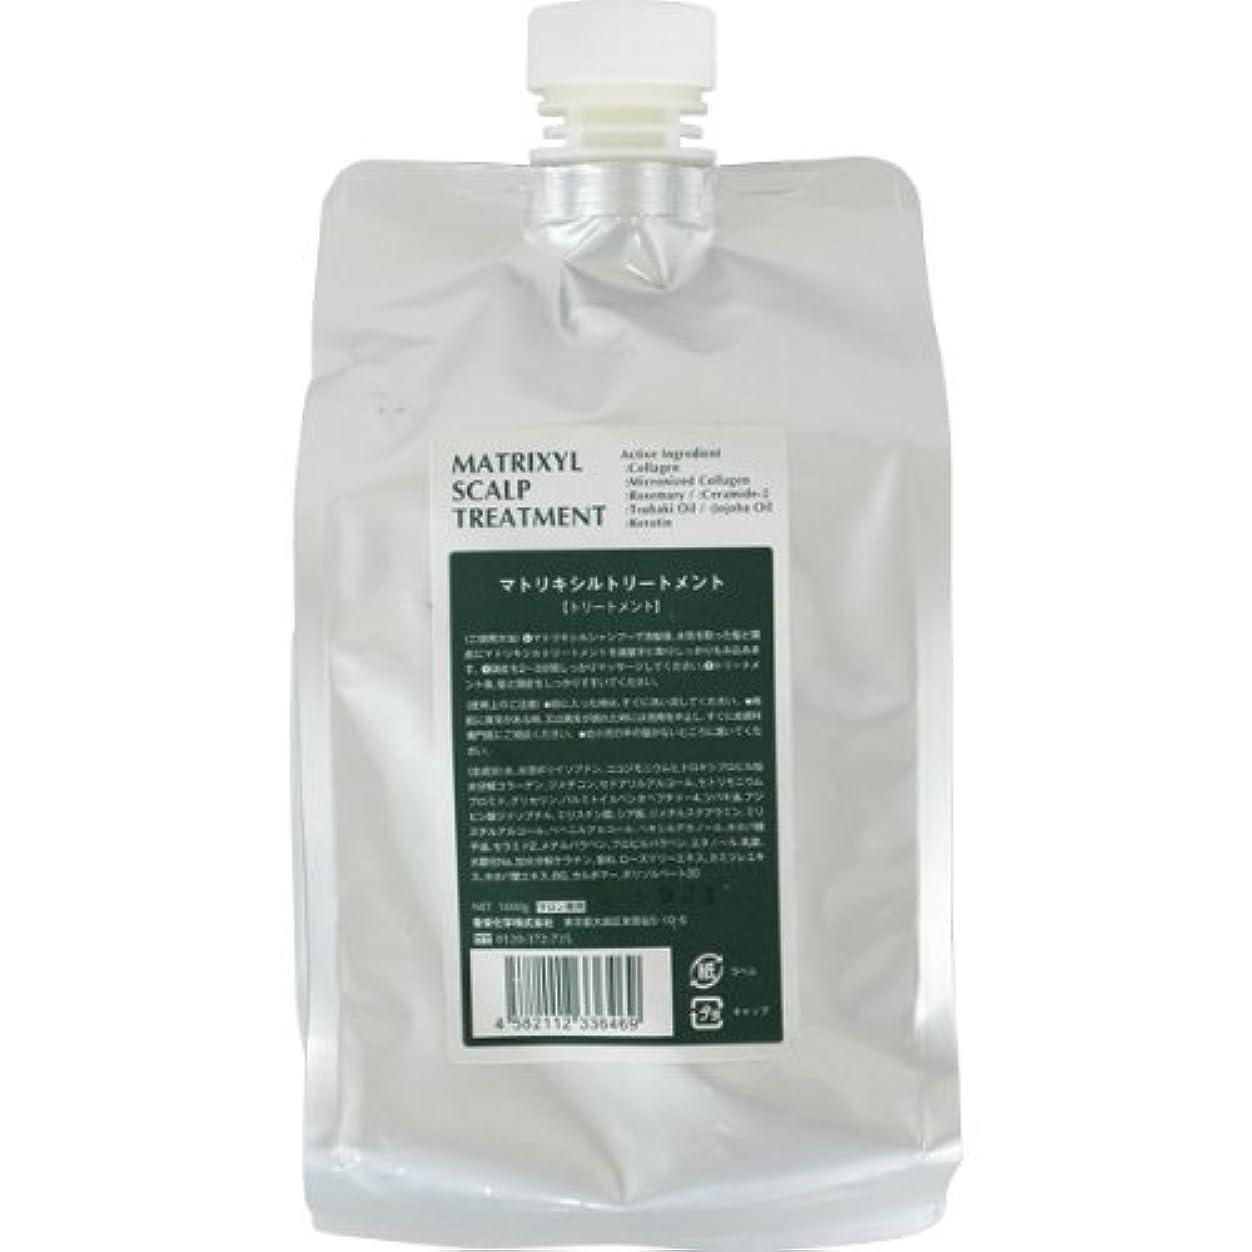 リーガン流行フィードオン香栄化学 マトリキシル スキャルプトリートメント レフィル 1000g